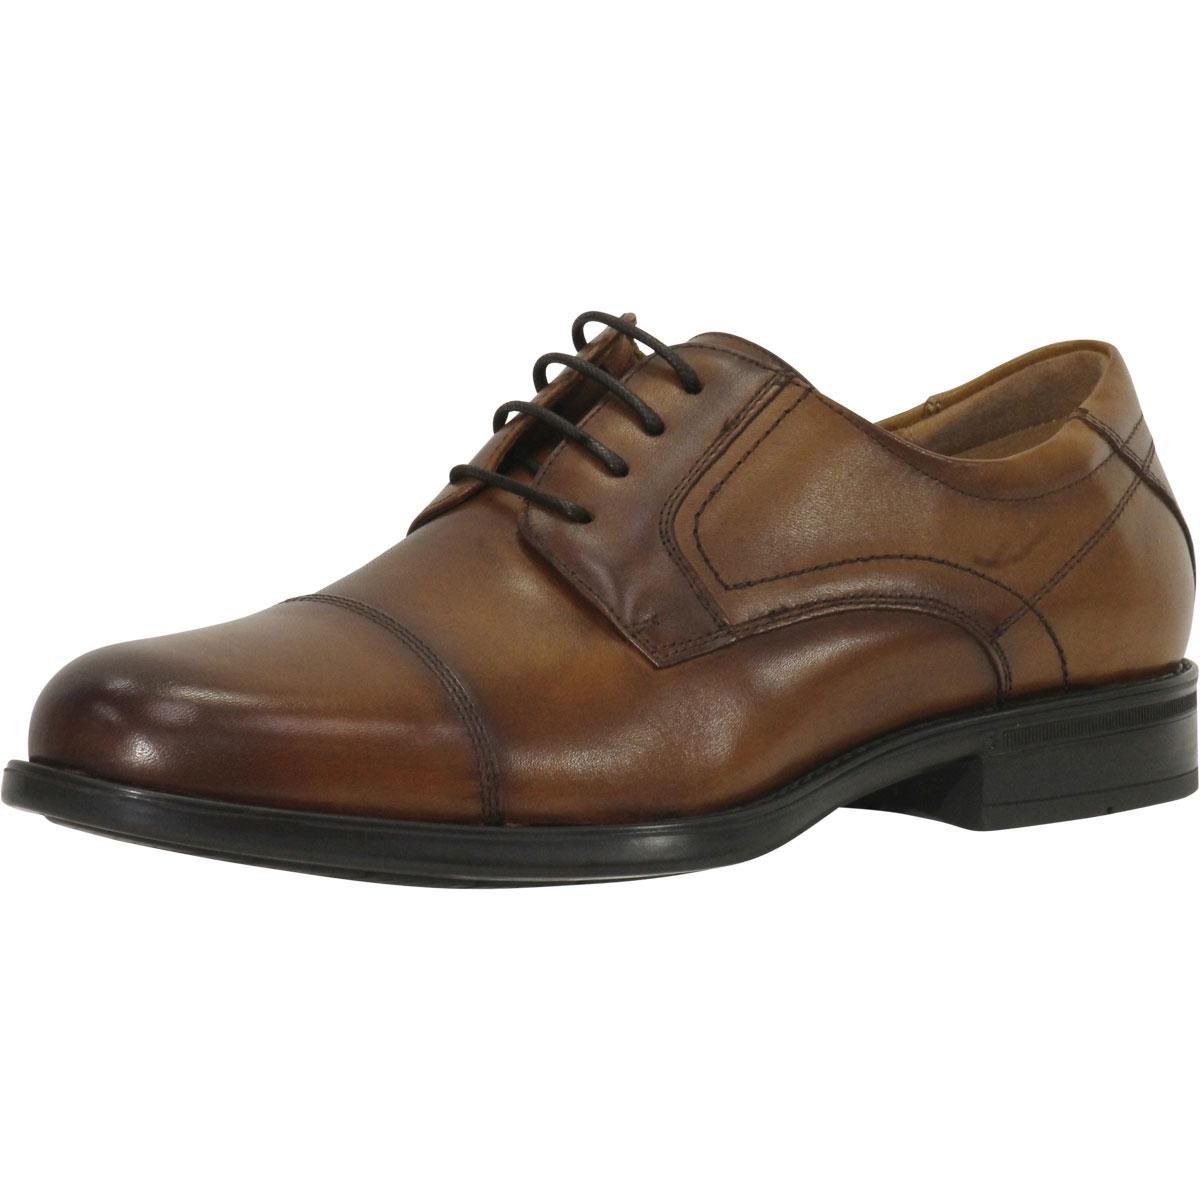 Image of Florsheim Comfortech Men's Midtown Cap Toe Oxfords Shoes - Cognac - 10.5 D(M) US